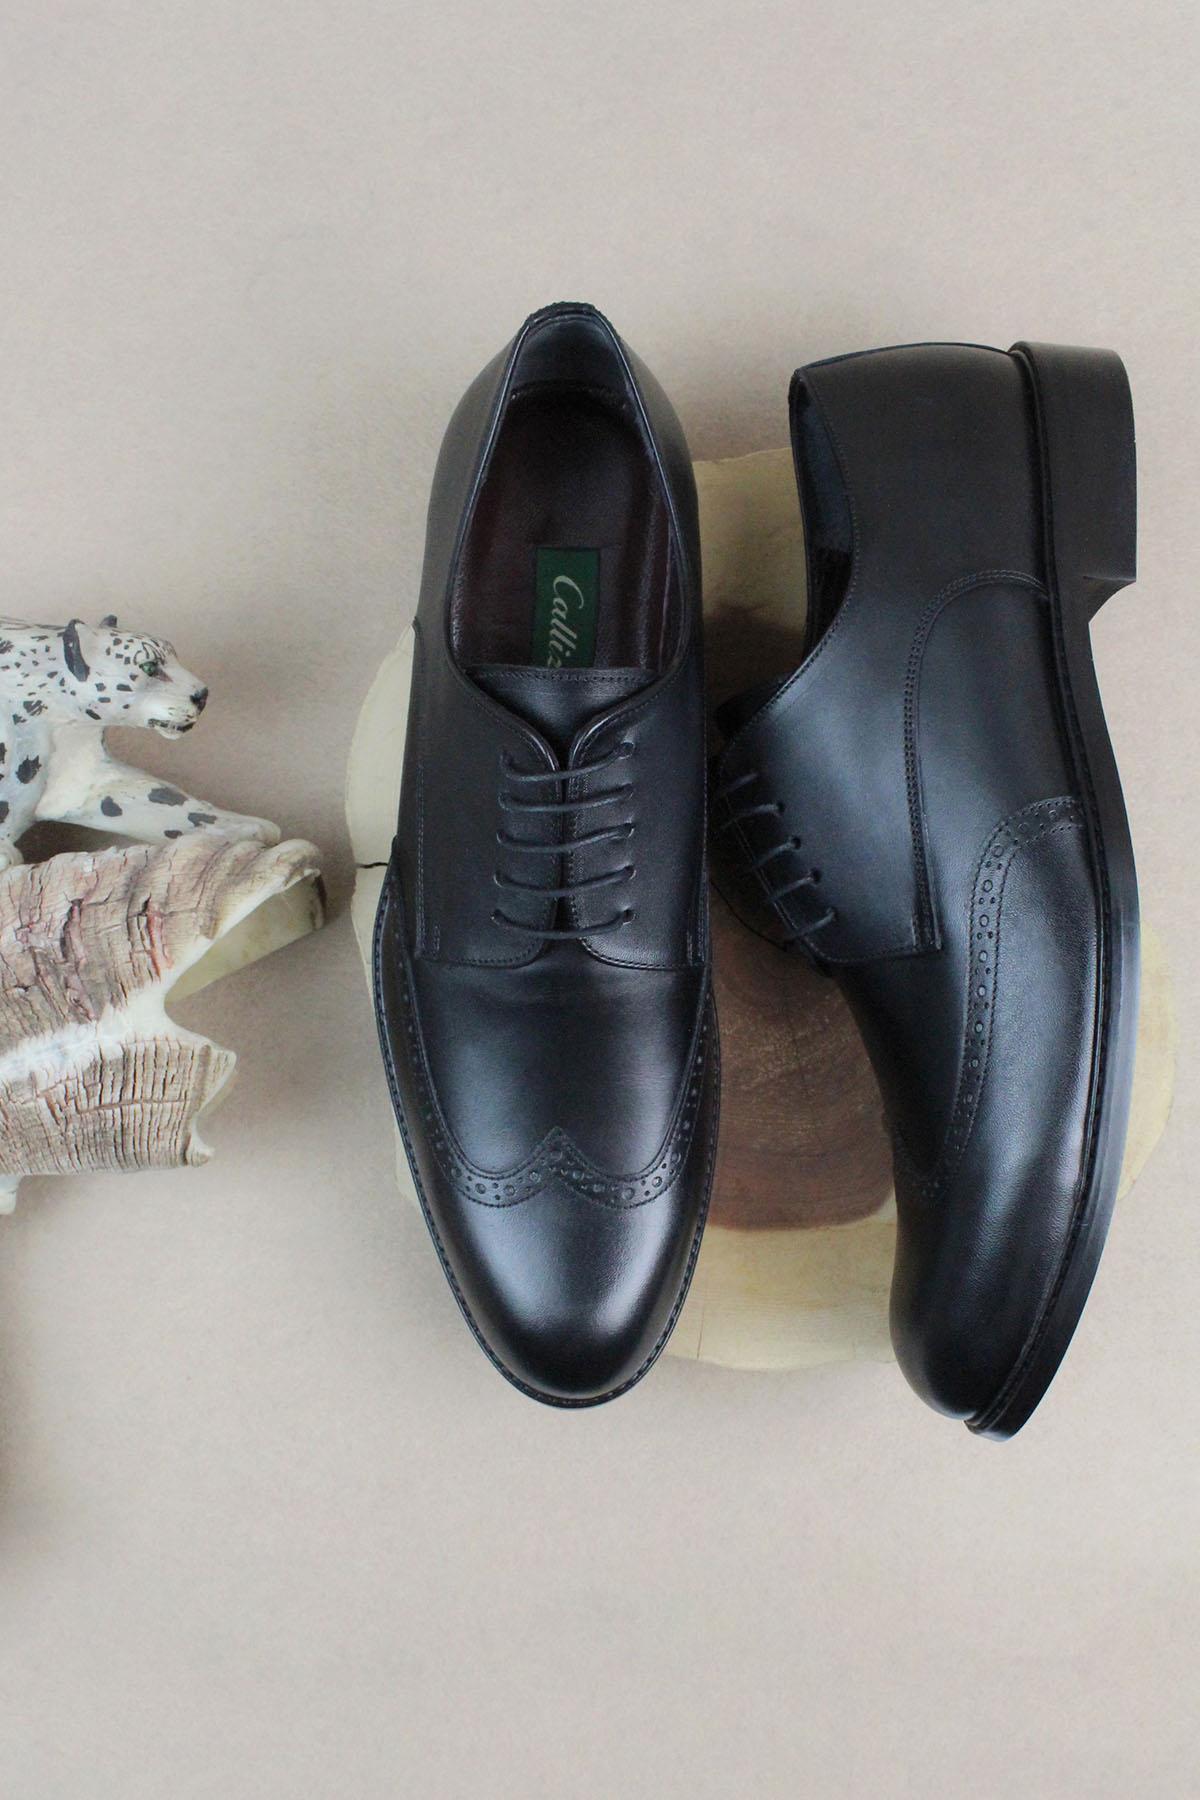 Buyuksun Hakiki Deri Erkek Oxford Klasik Ayakkabı Büyük Numara 36.215.17